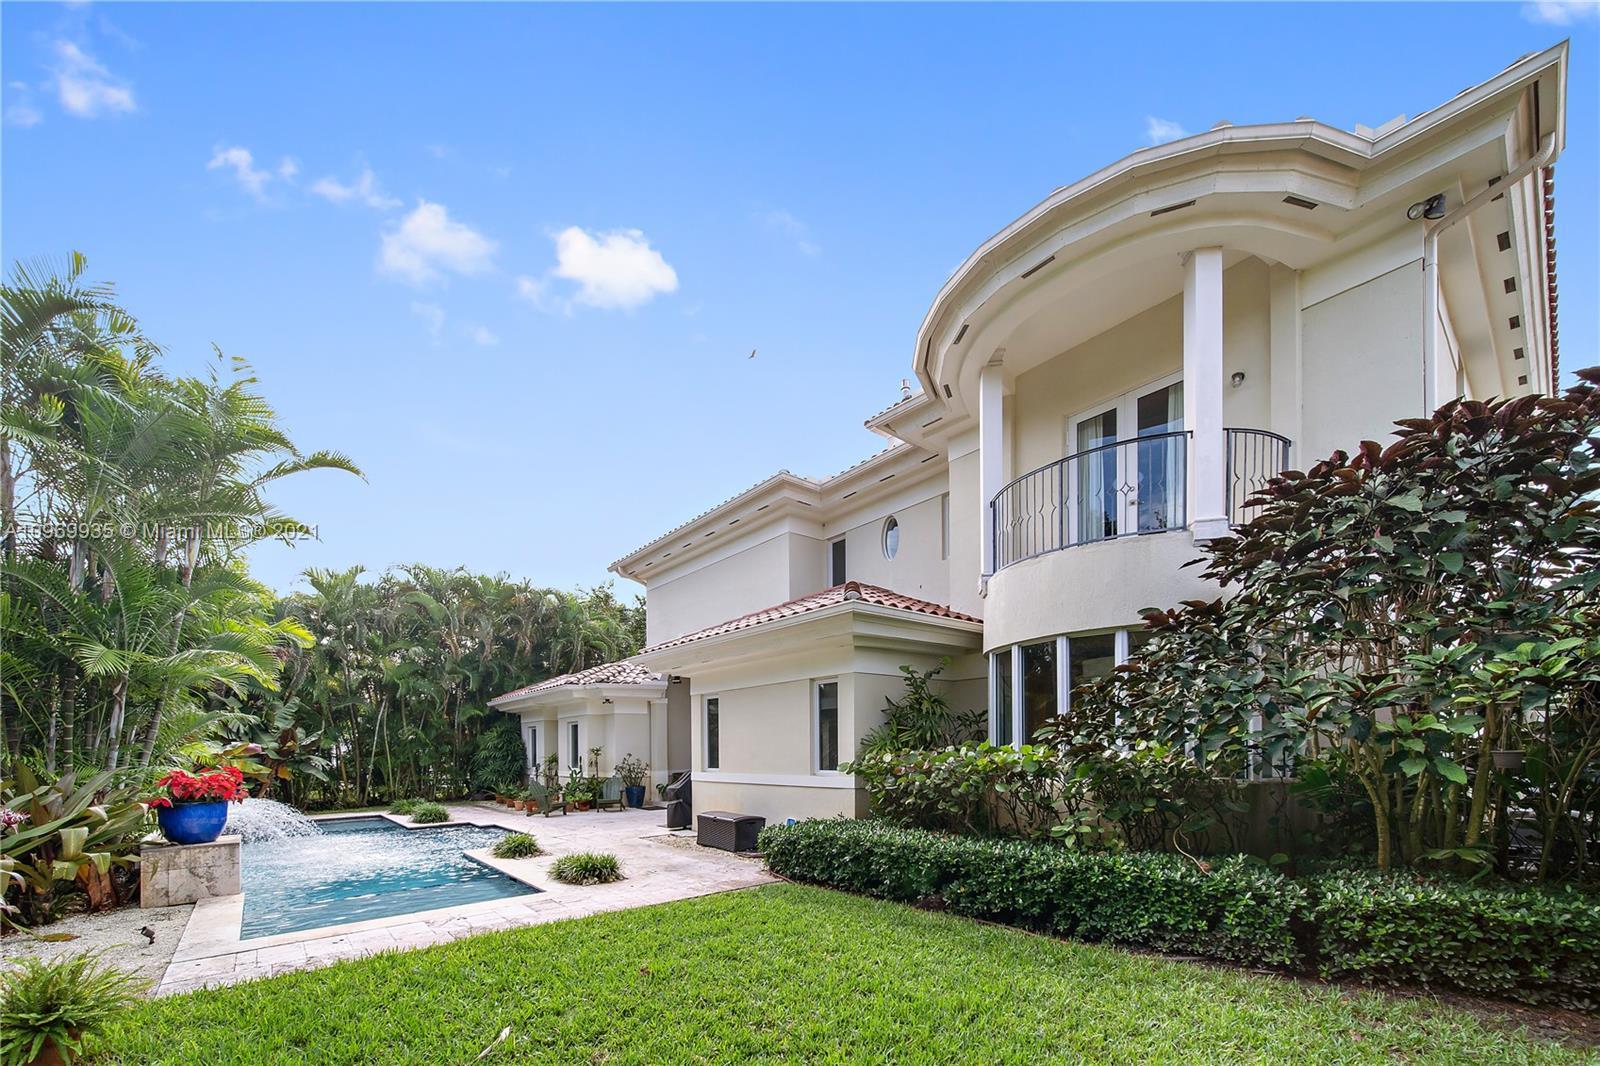 South Miami - 6701 Riviera Dr, Coral Gables, FL 33146